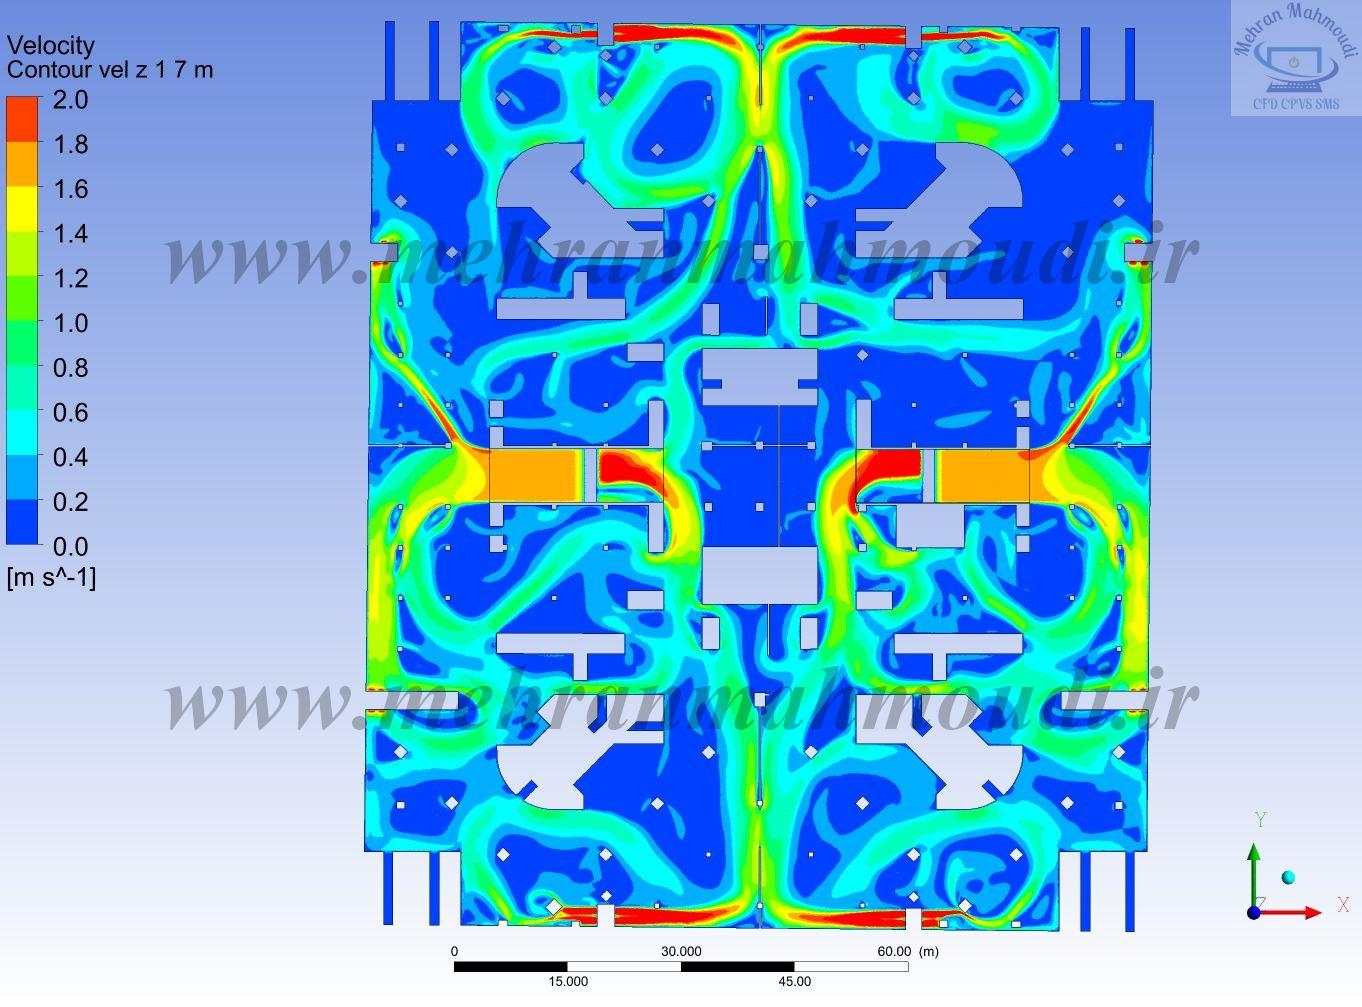 Car park garage ventilation system simulation